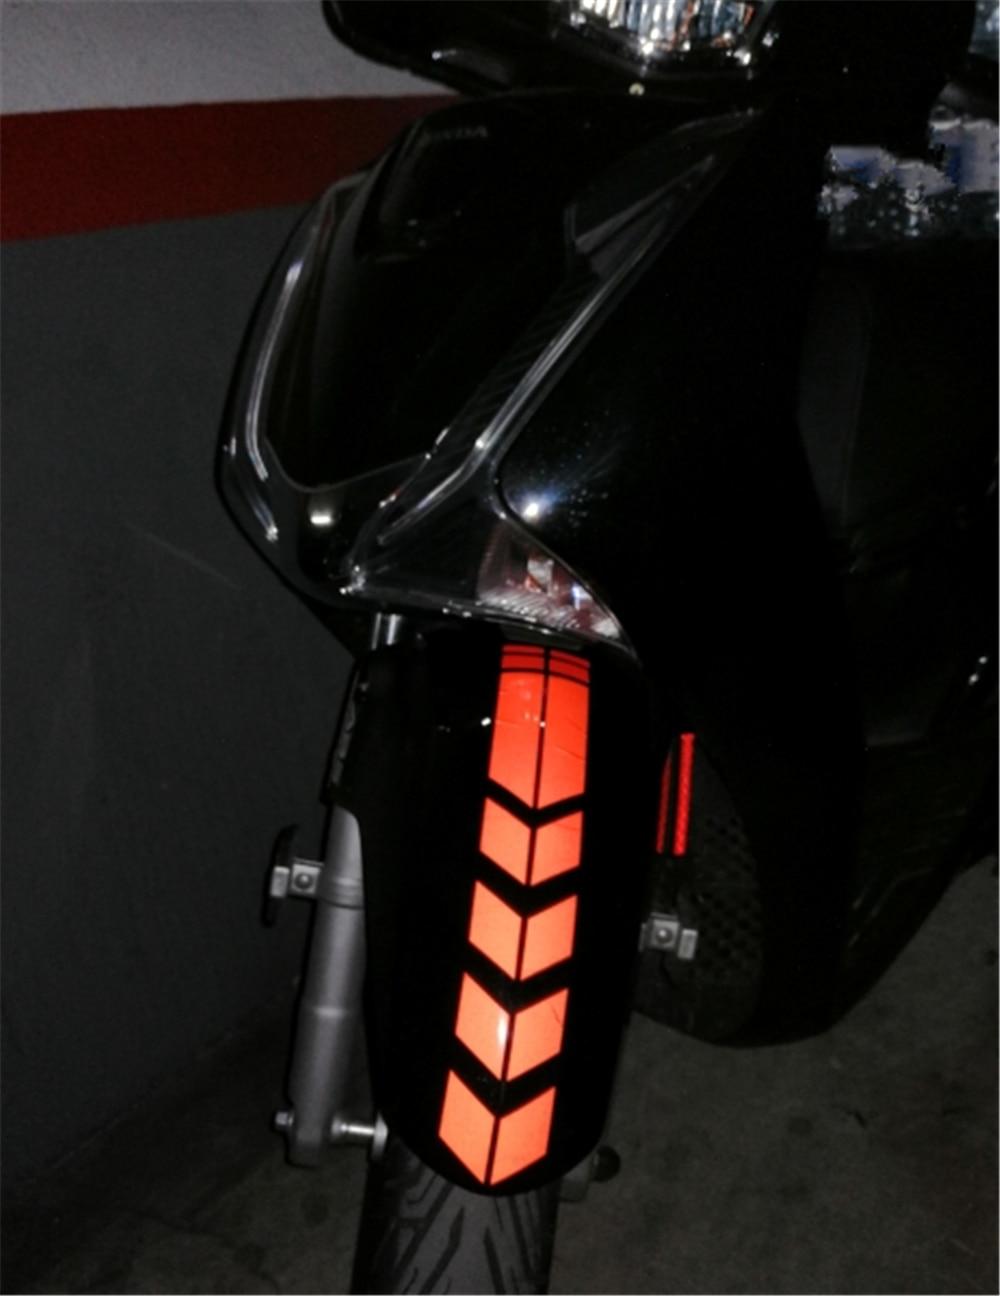 Bentuk Sepeda Motor Stiker Reflektif Roda Fender Stiker Dekorasi untuk Kawasaki Ninja 650R ER6F ER6N Versys (650cc) GTR1400